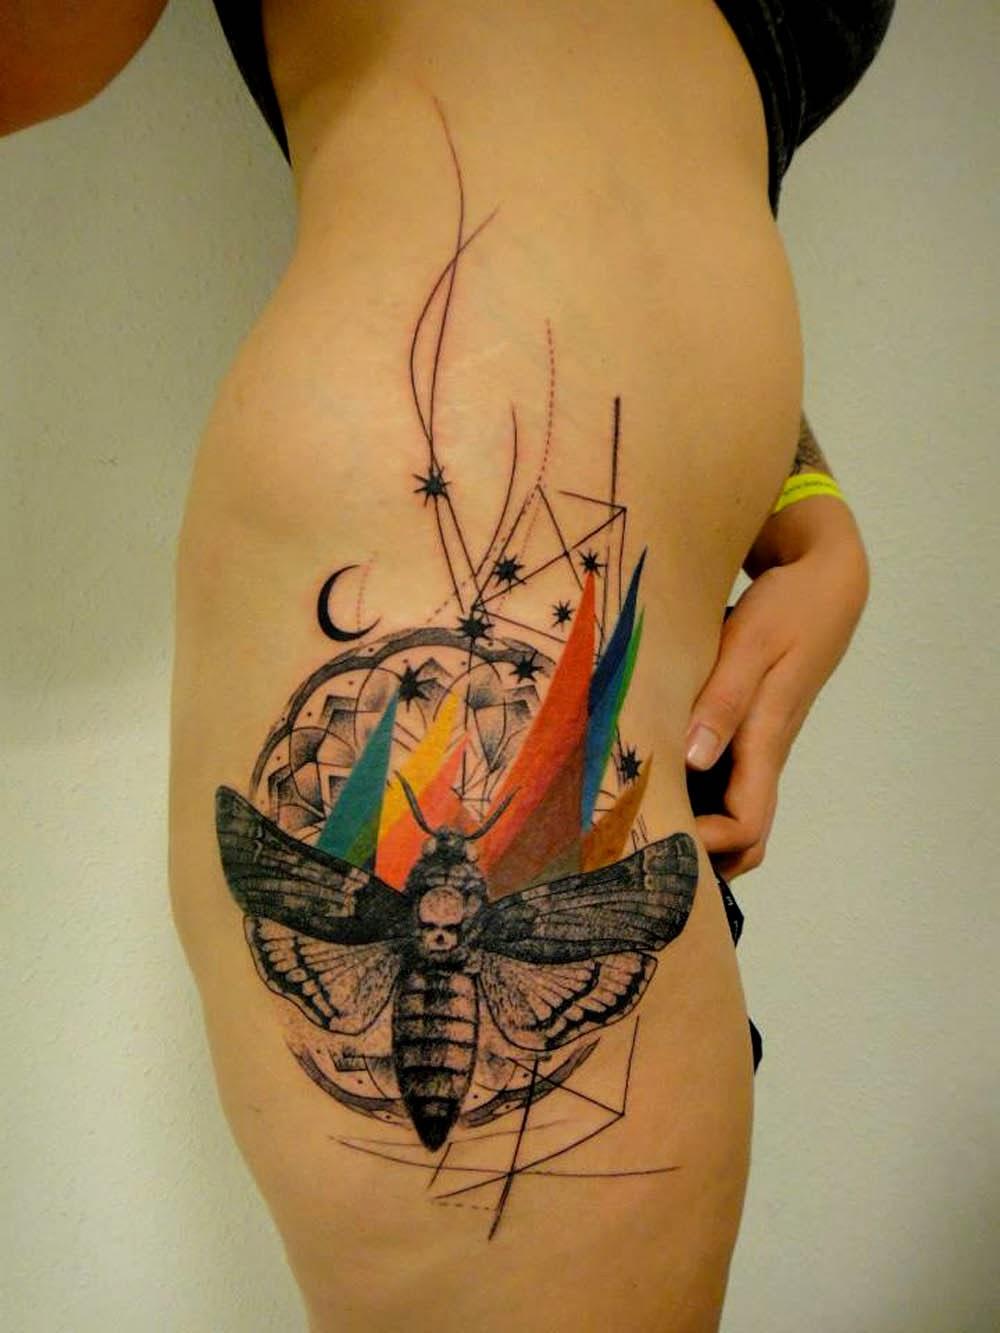 Beautiful-thigh-xoil-tattoo.jpg